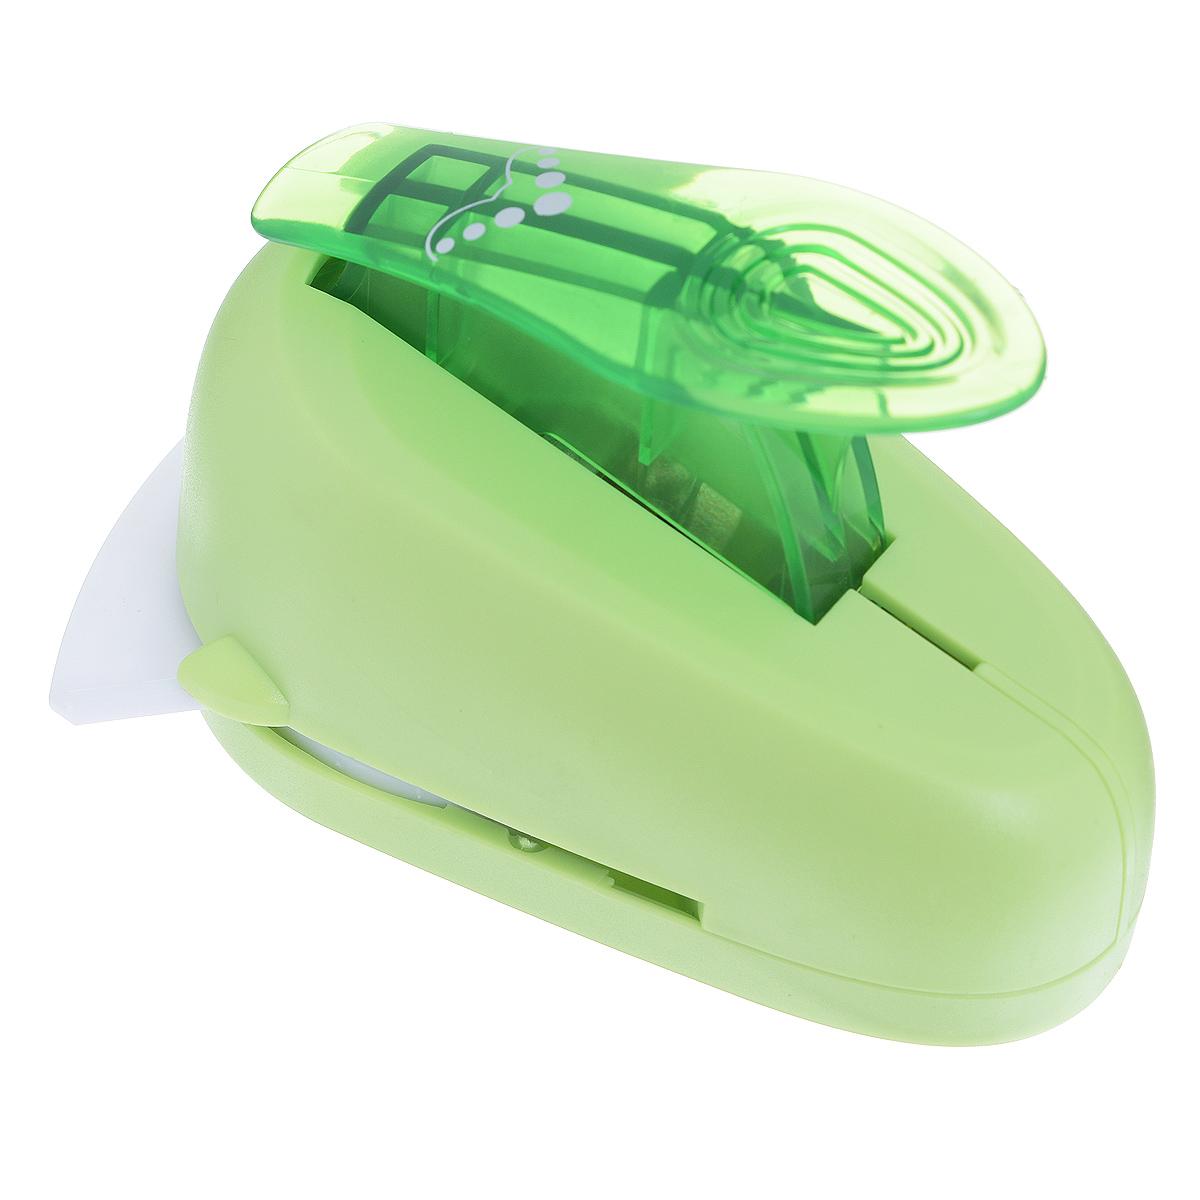 Дырокол фигурный Астра Клин, угловой. CD-99MC7709610_55Дырокол Астра Клин поможет вам легко, просто и аккуратно вырезать много одинаковых мелких фигурок. Режущие части компостера закрыты пластмассовым корпусом, что обеспечивает безопасность для детей. Вырезанные фигурки накапливаются в специальном резервуаре. Можно использовать вырезанные мотивы как конфетти или для наклеивания. Угловой дырокол подходит для разных техник: декупажа, скрапбукинга, декорирования. Размер дырокола: 10 см х 7 см х 7 см. Размер готовой фигурки: 2,7 см х 1,5 см.